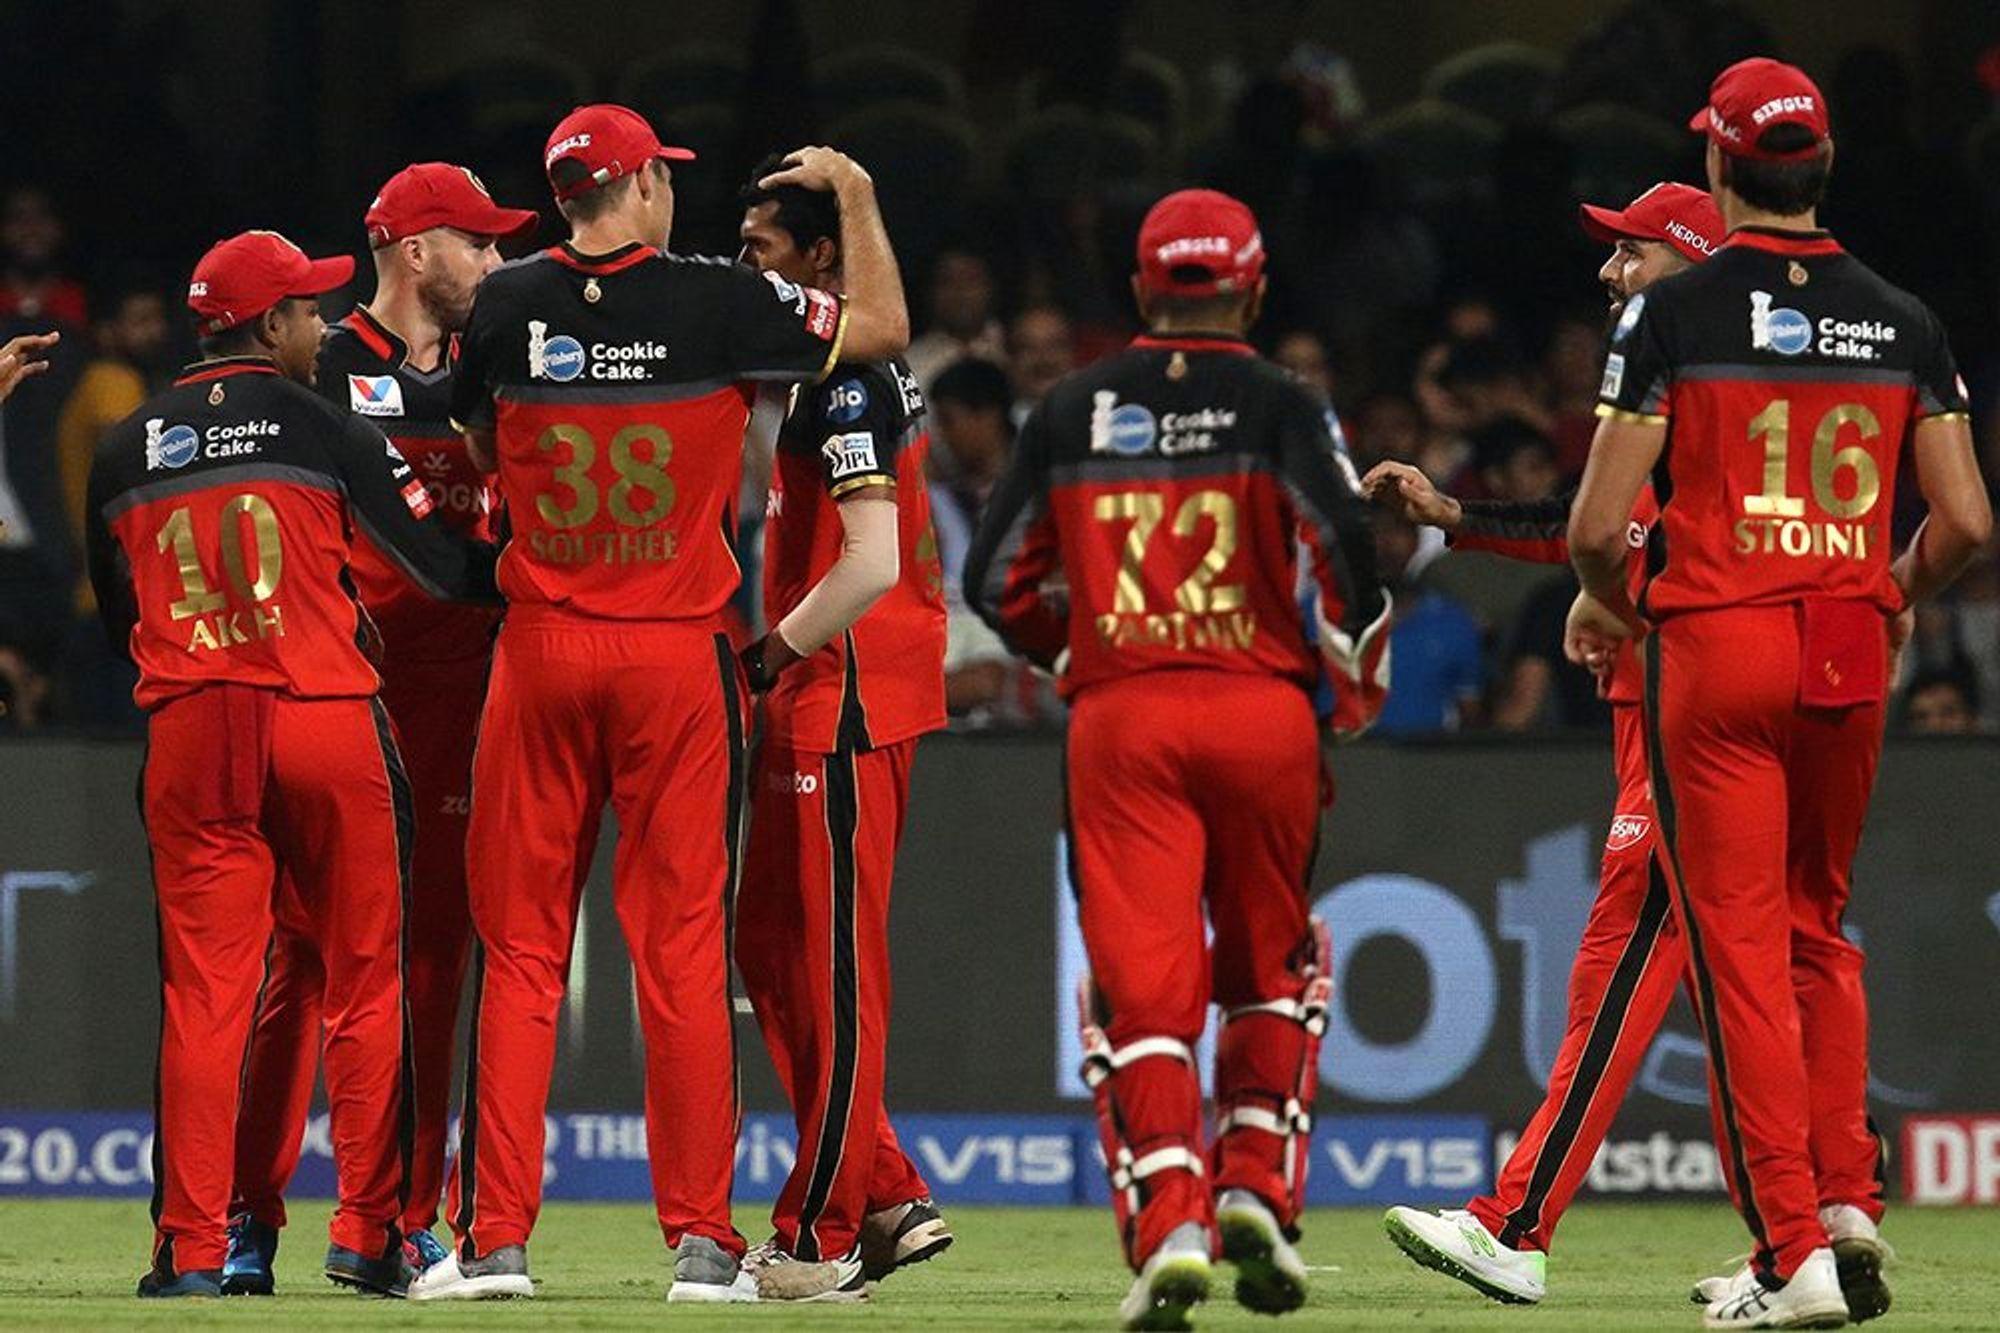 DDvsRCB: दिल्ली से मिली पिछली हार का बदला लेने के लिए मैदान पर उतरेगी विराट एंड कंपनी, दोनों टीमों के यह 11 खिलाड़ी बना सकते हैं अंतिम एकदाश में अपना स्थान 2